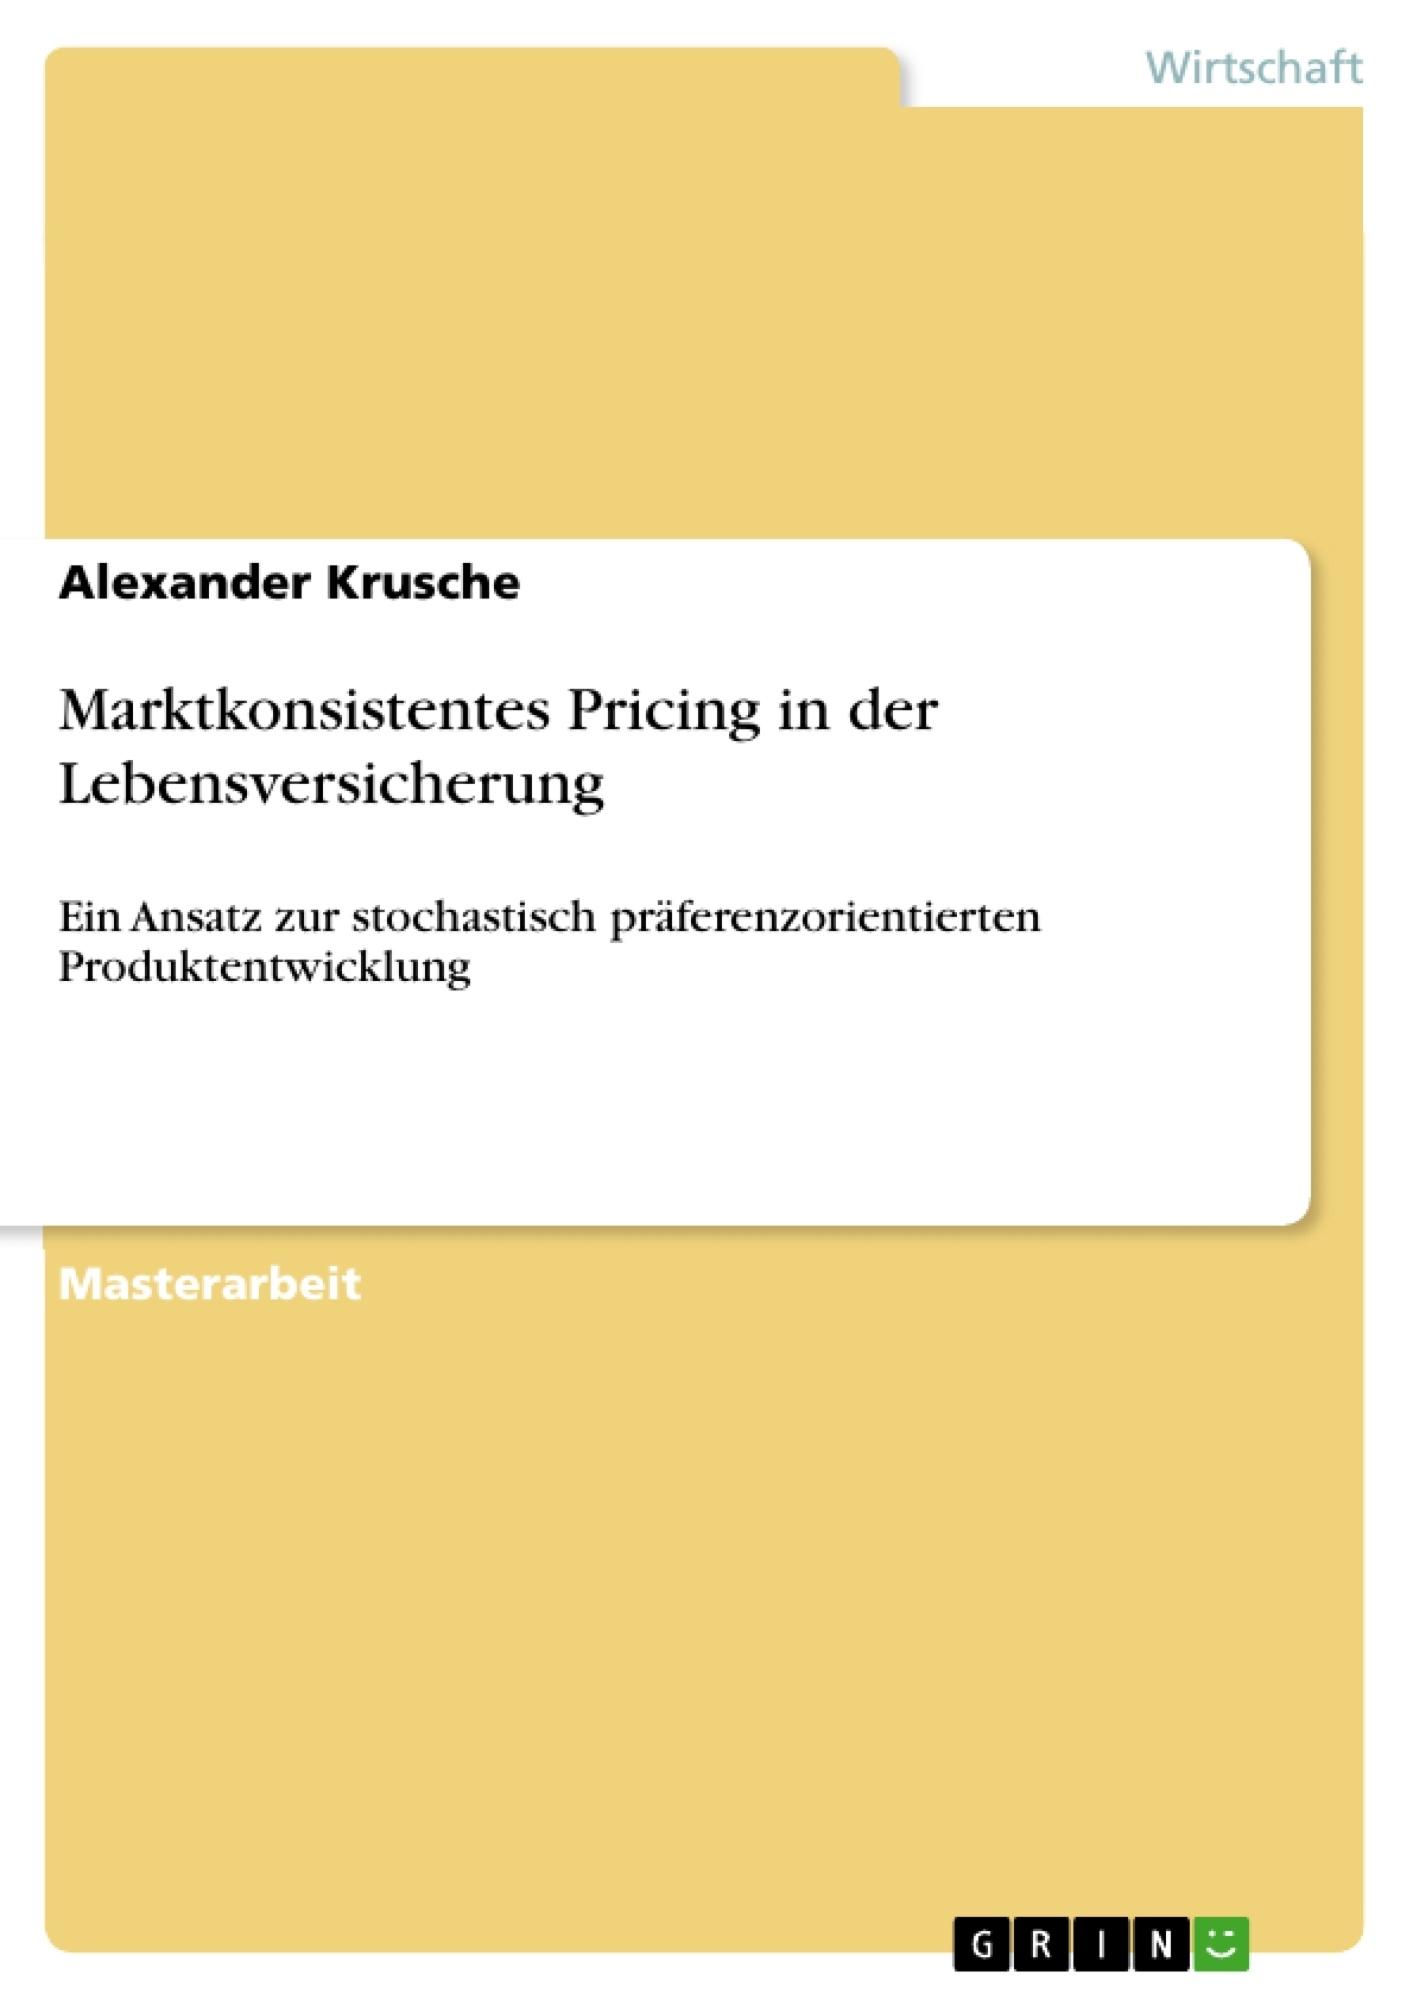 Titel: Marktkonsistentes Pricing in der Lebensversicherung